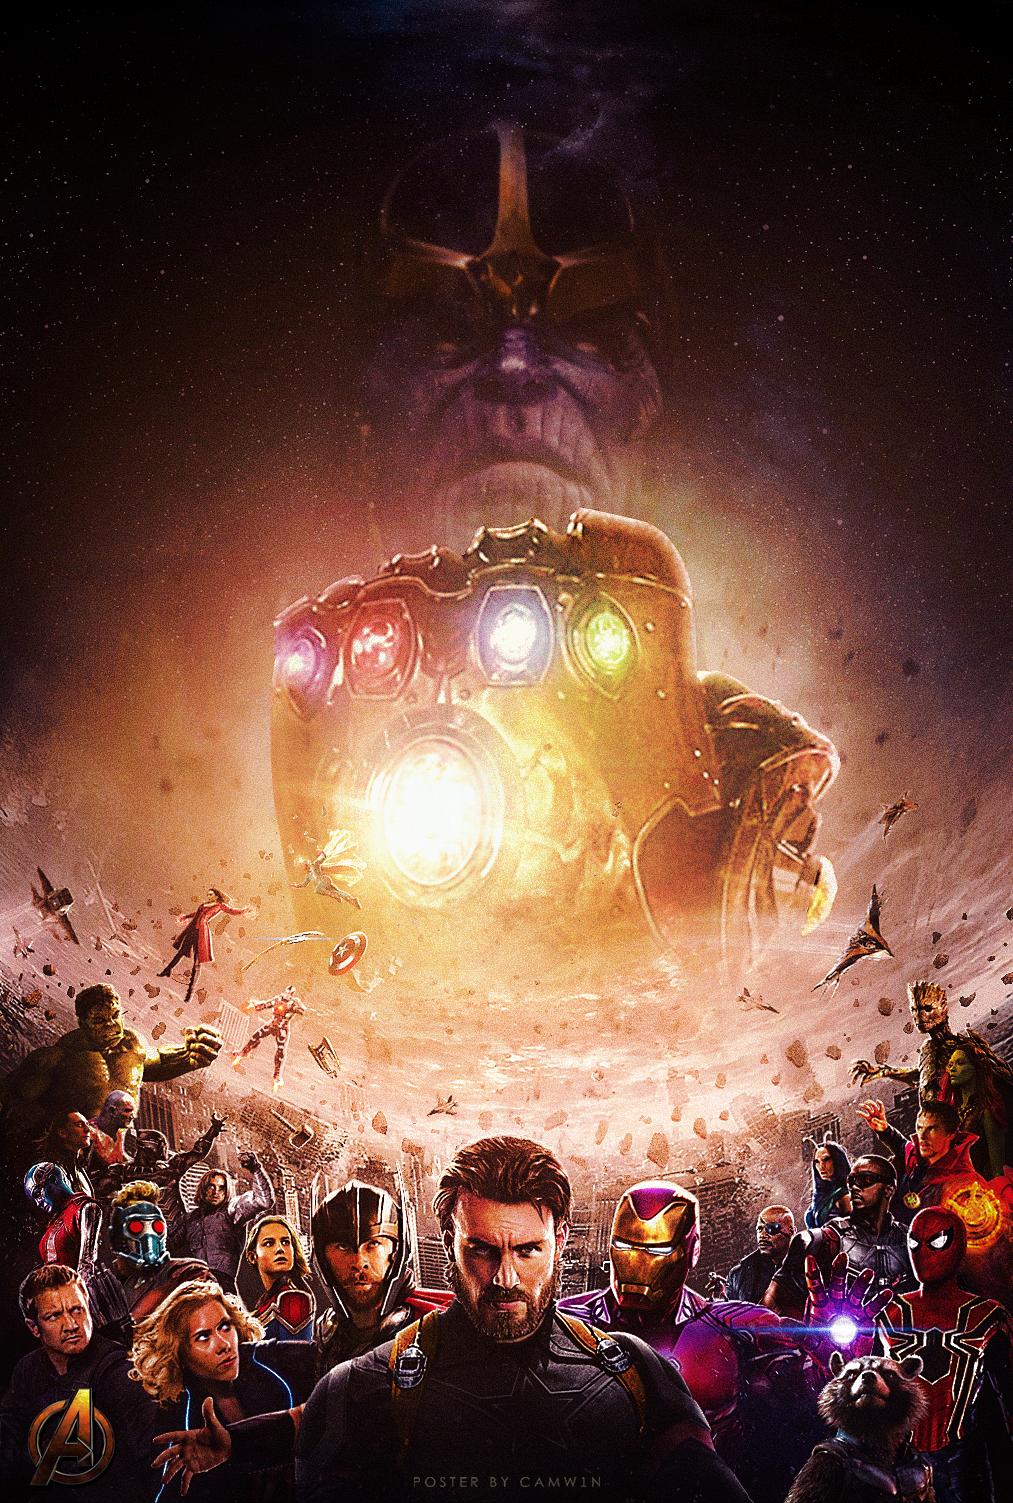 Fan Madea Fan-made Poster For Avengers Infinity War - Avengers Infinity War 4k , HD Wallpaper & Backgrounds